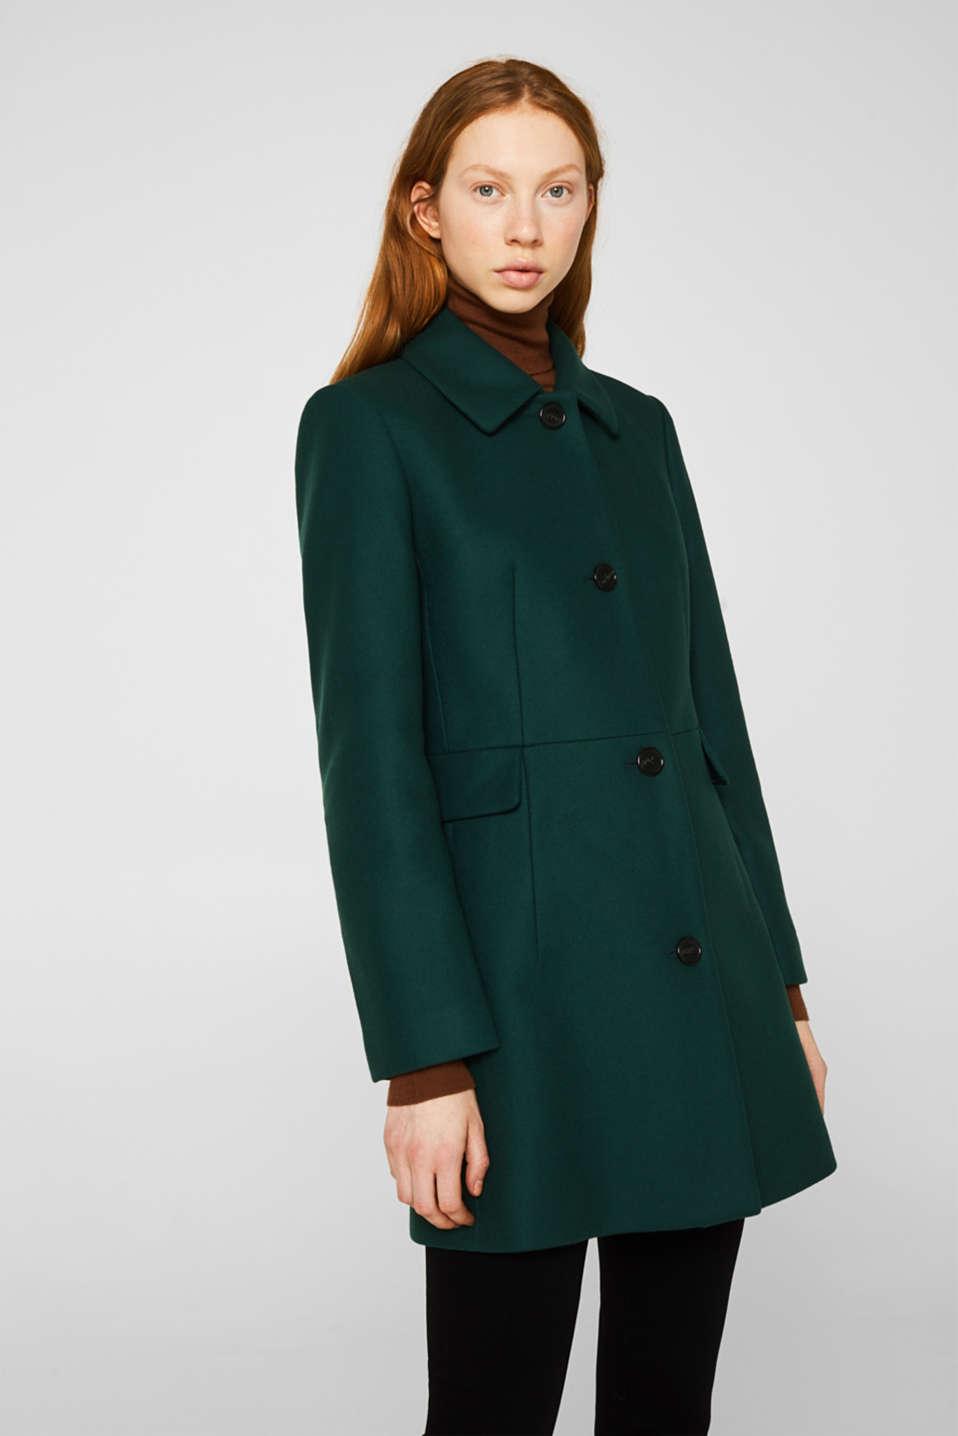 Esprit Aus Woll Mix: Mantel mit italienischem Garn im